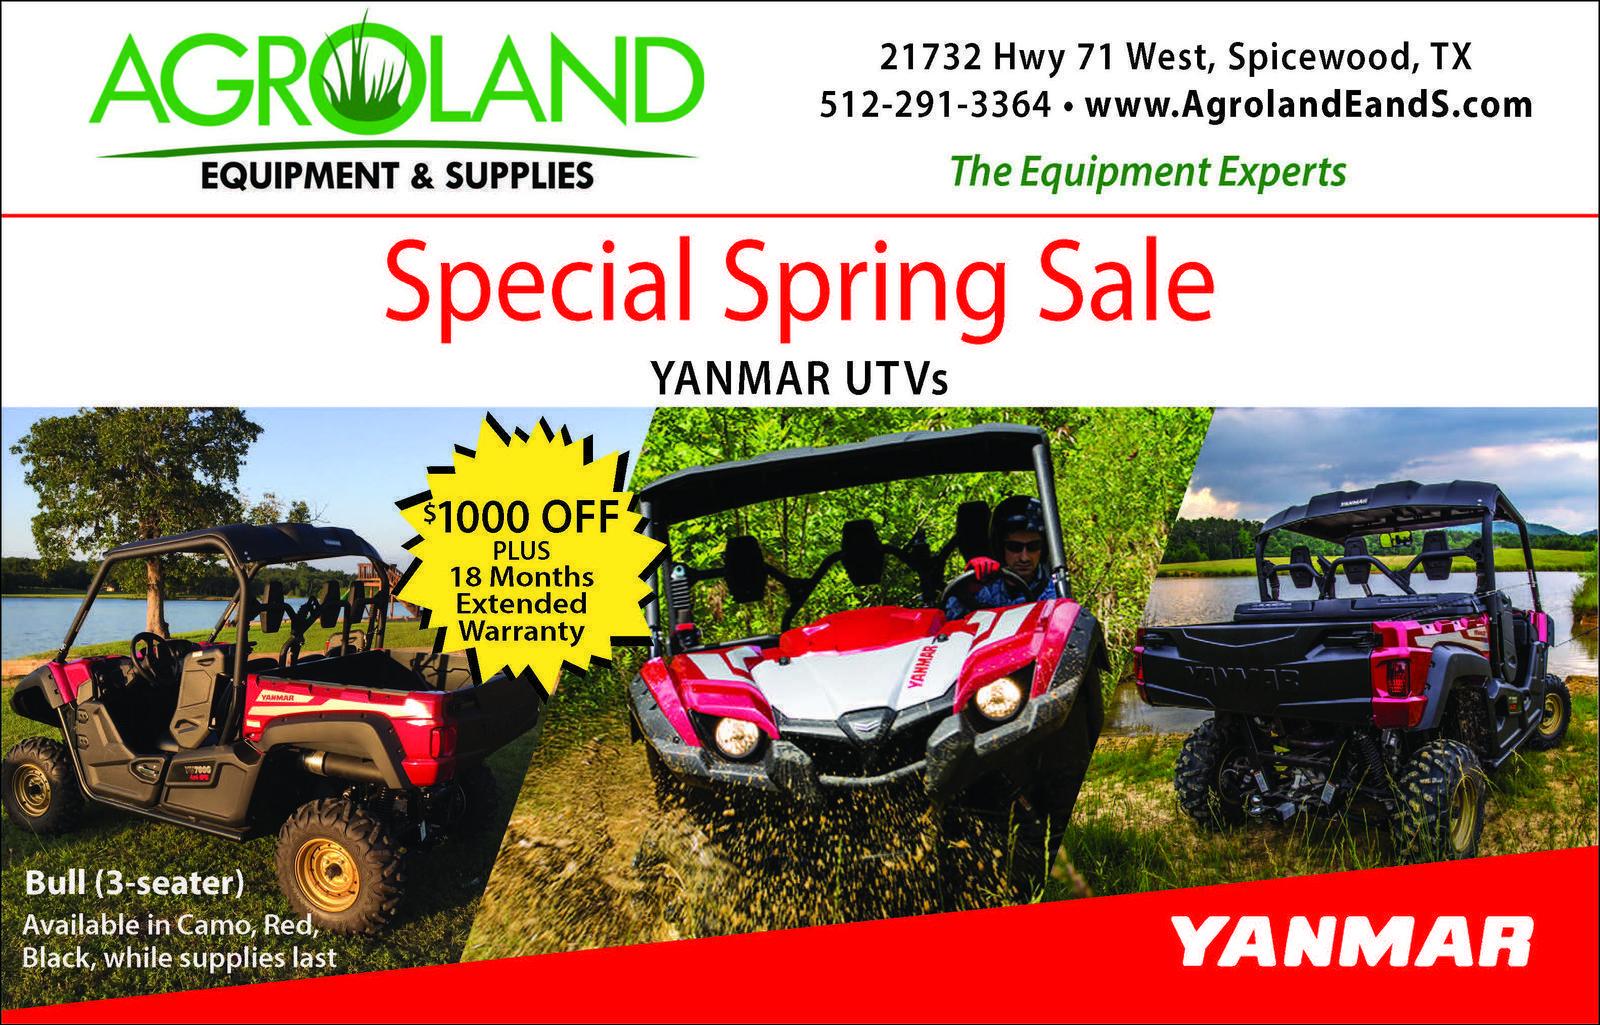 Home Agroland Equipment & Supplies Spicewood, TX (512) 291-3364